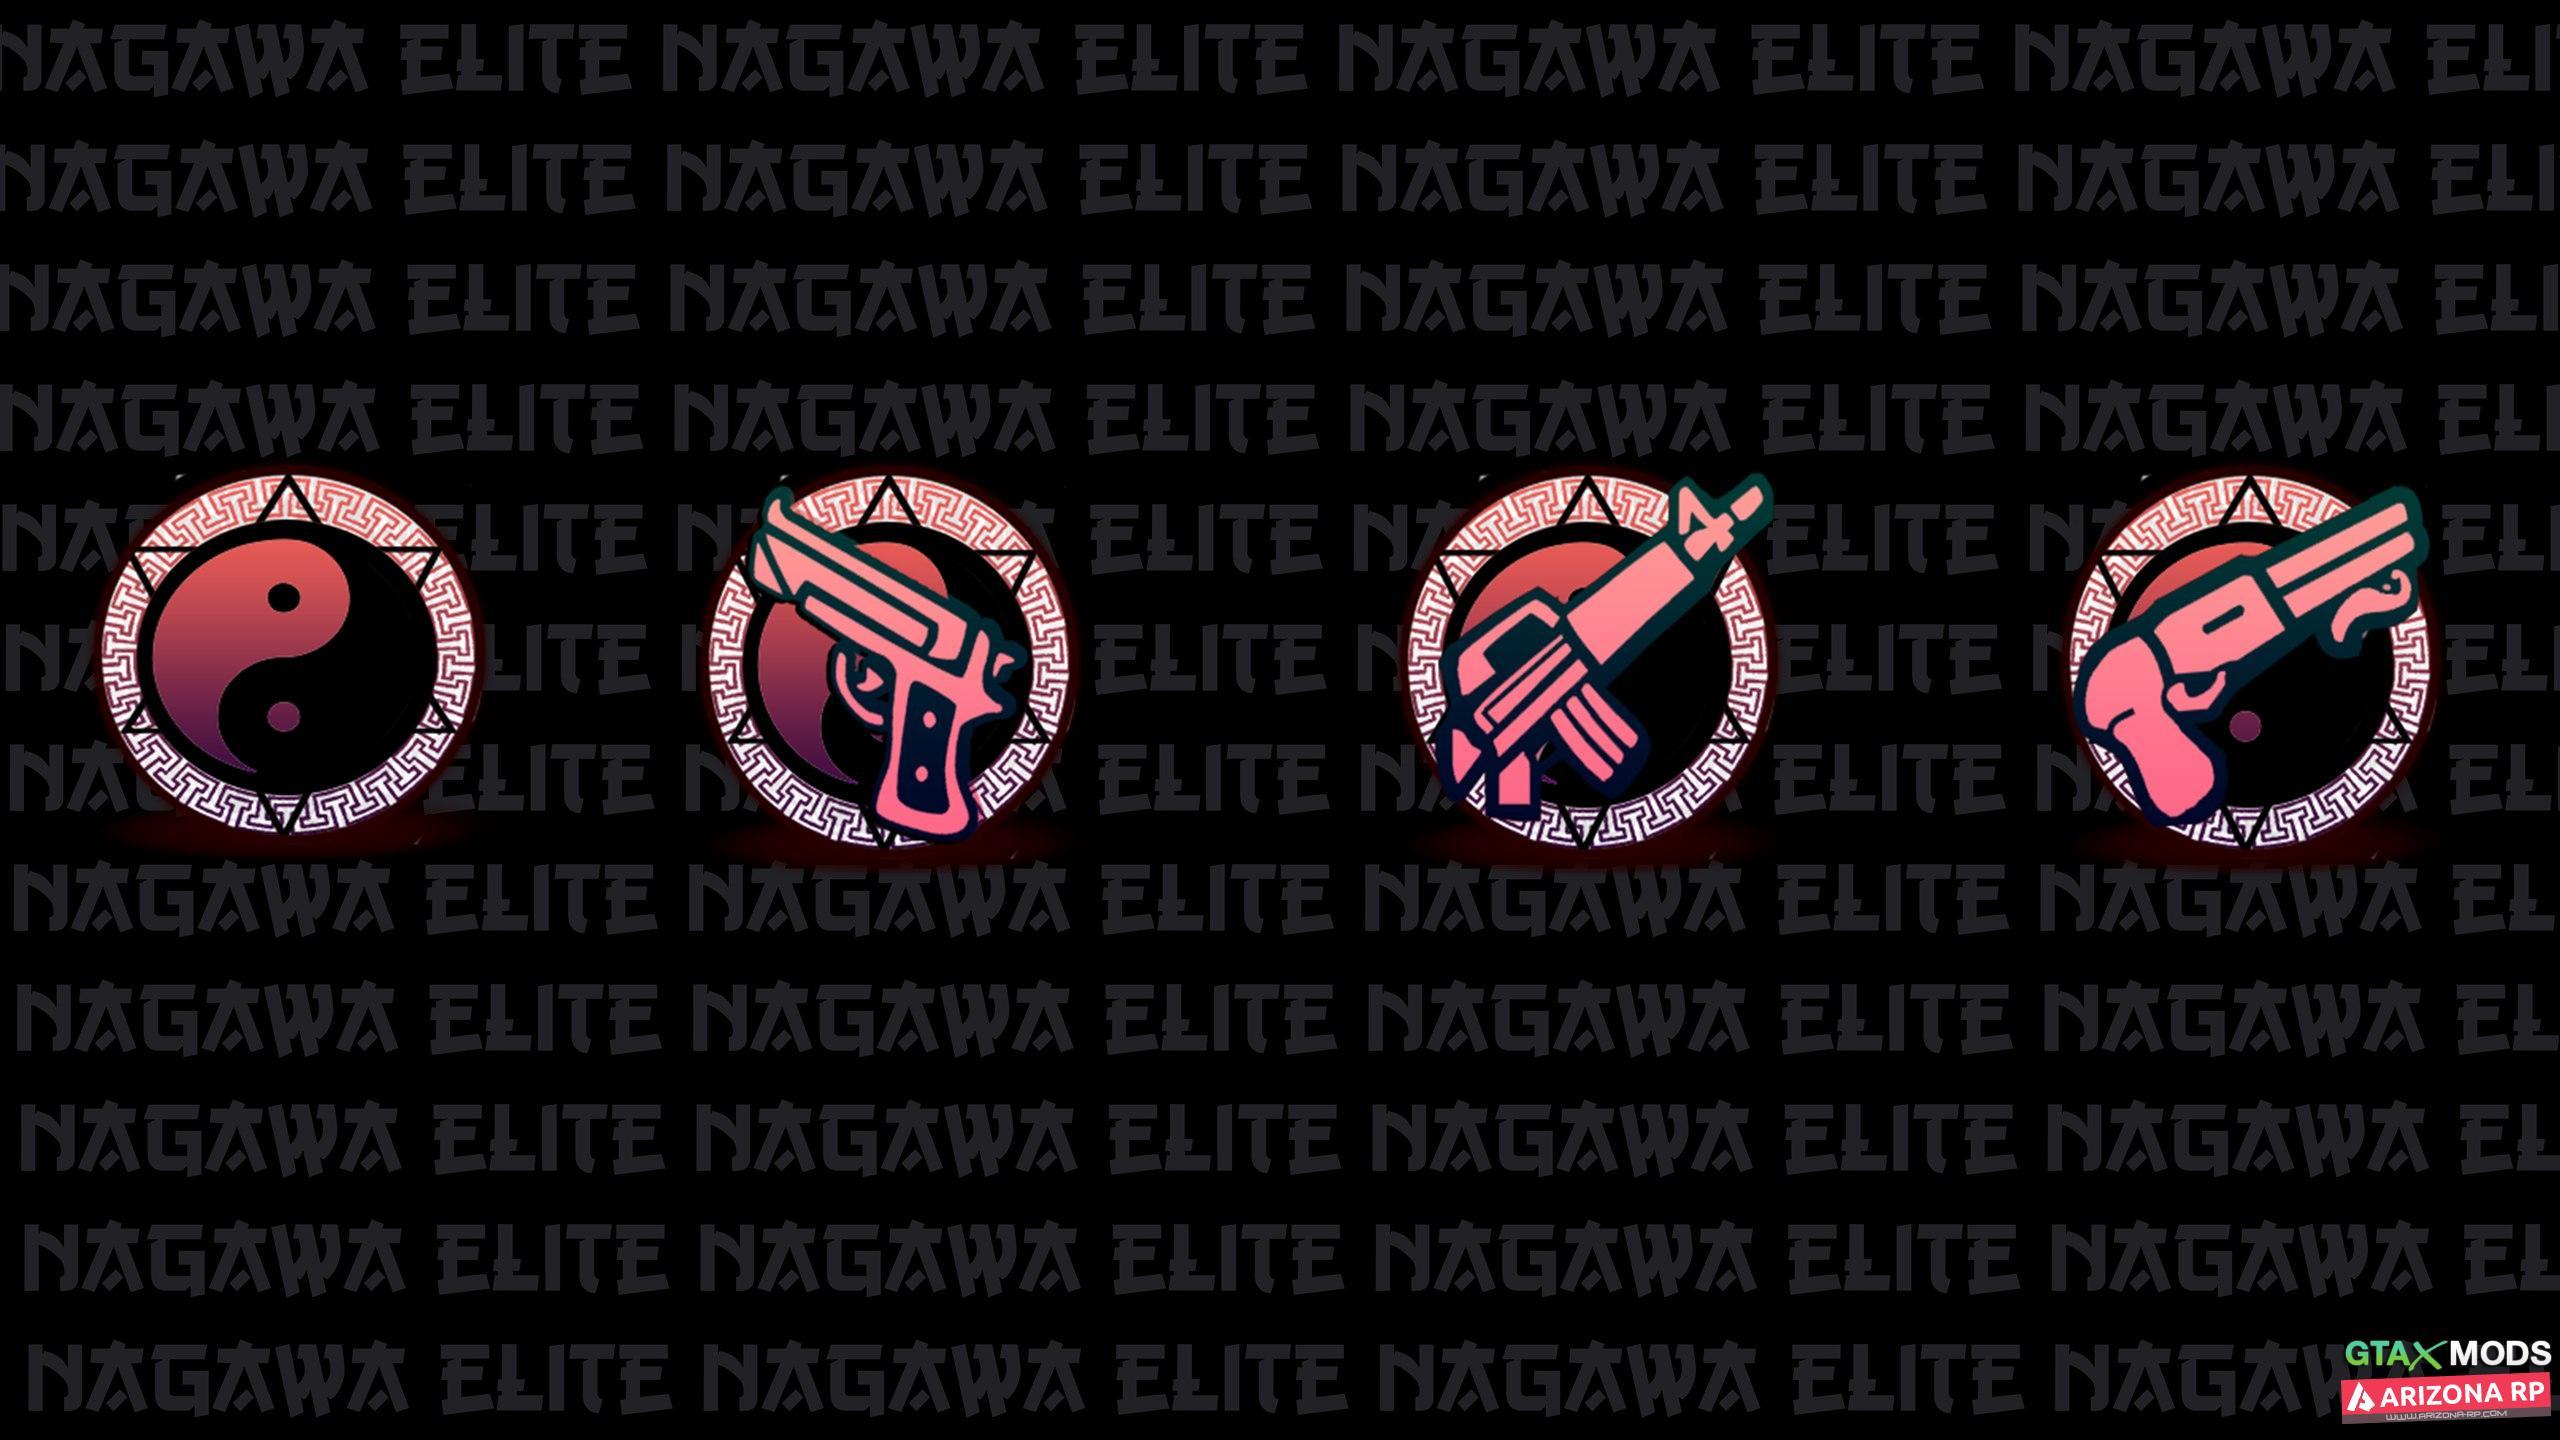 Icons / Nagawa Elite Dynasty